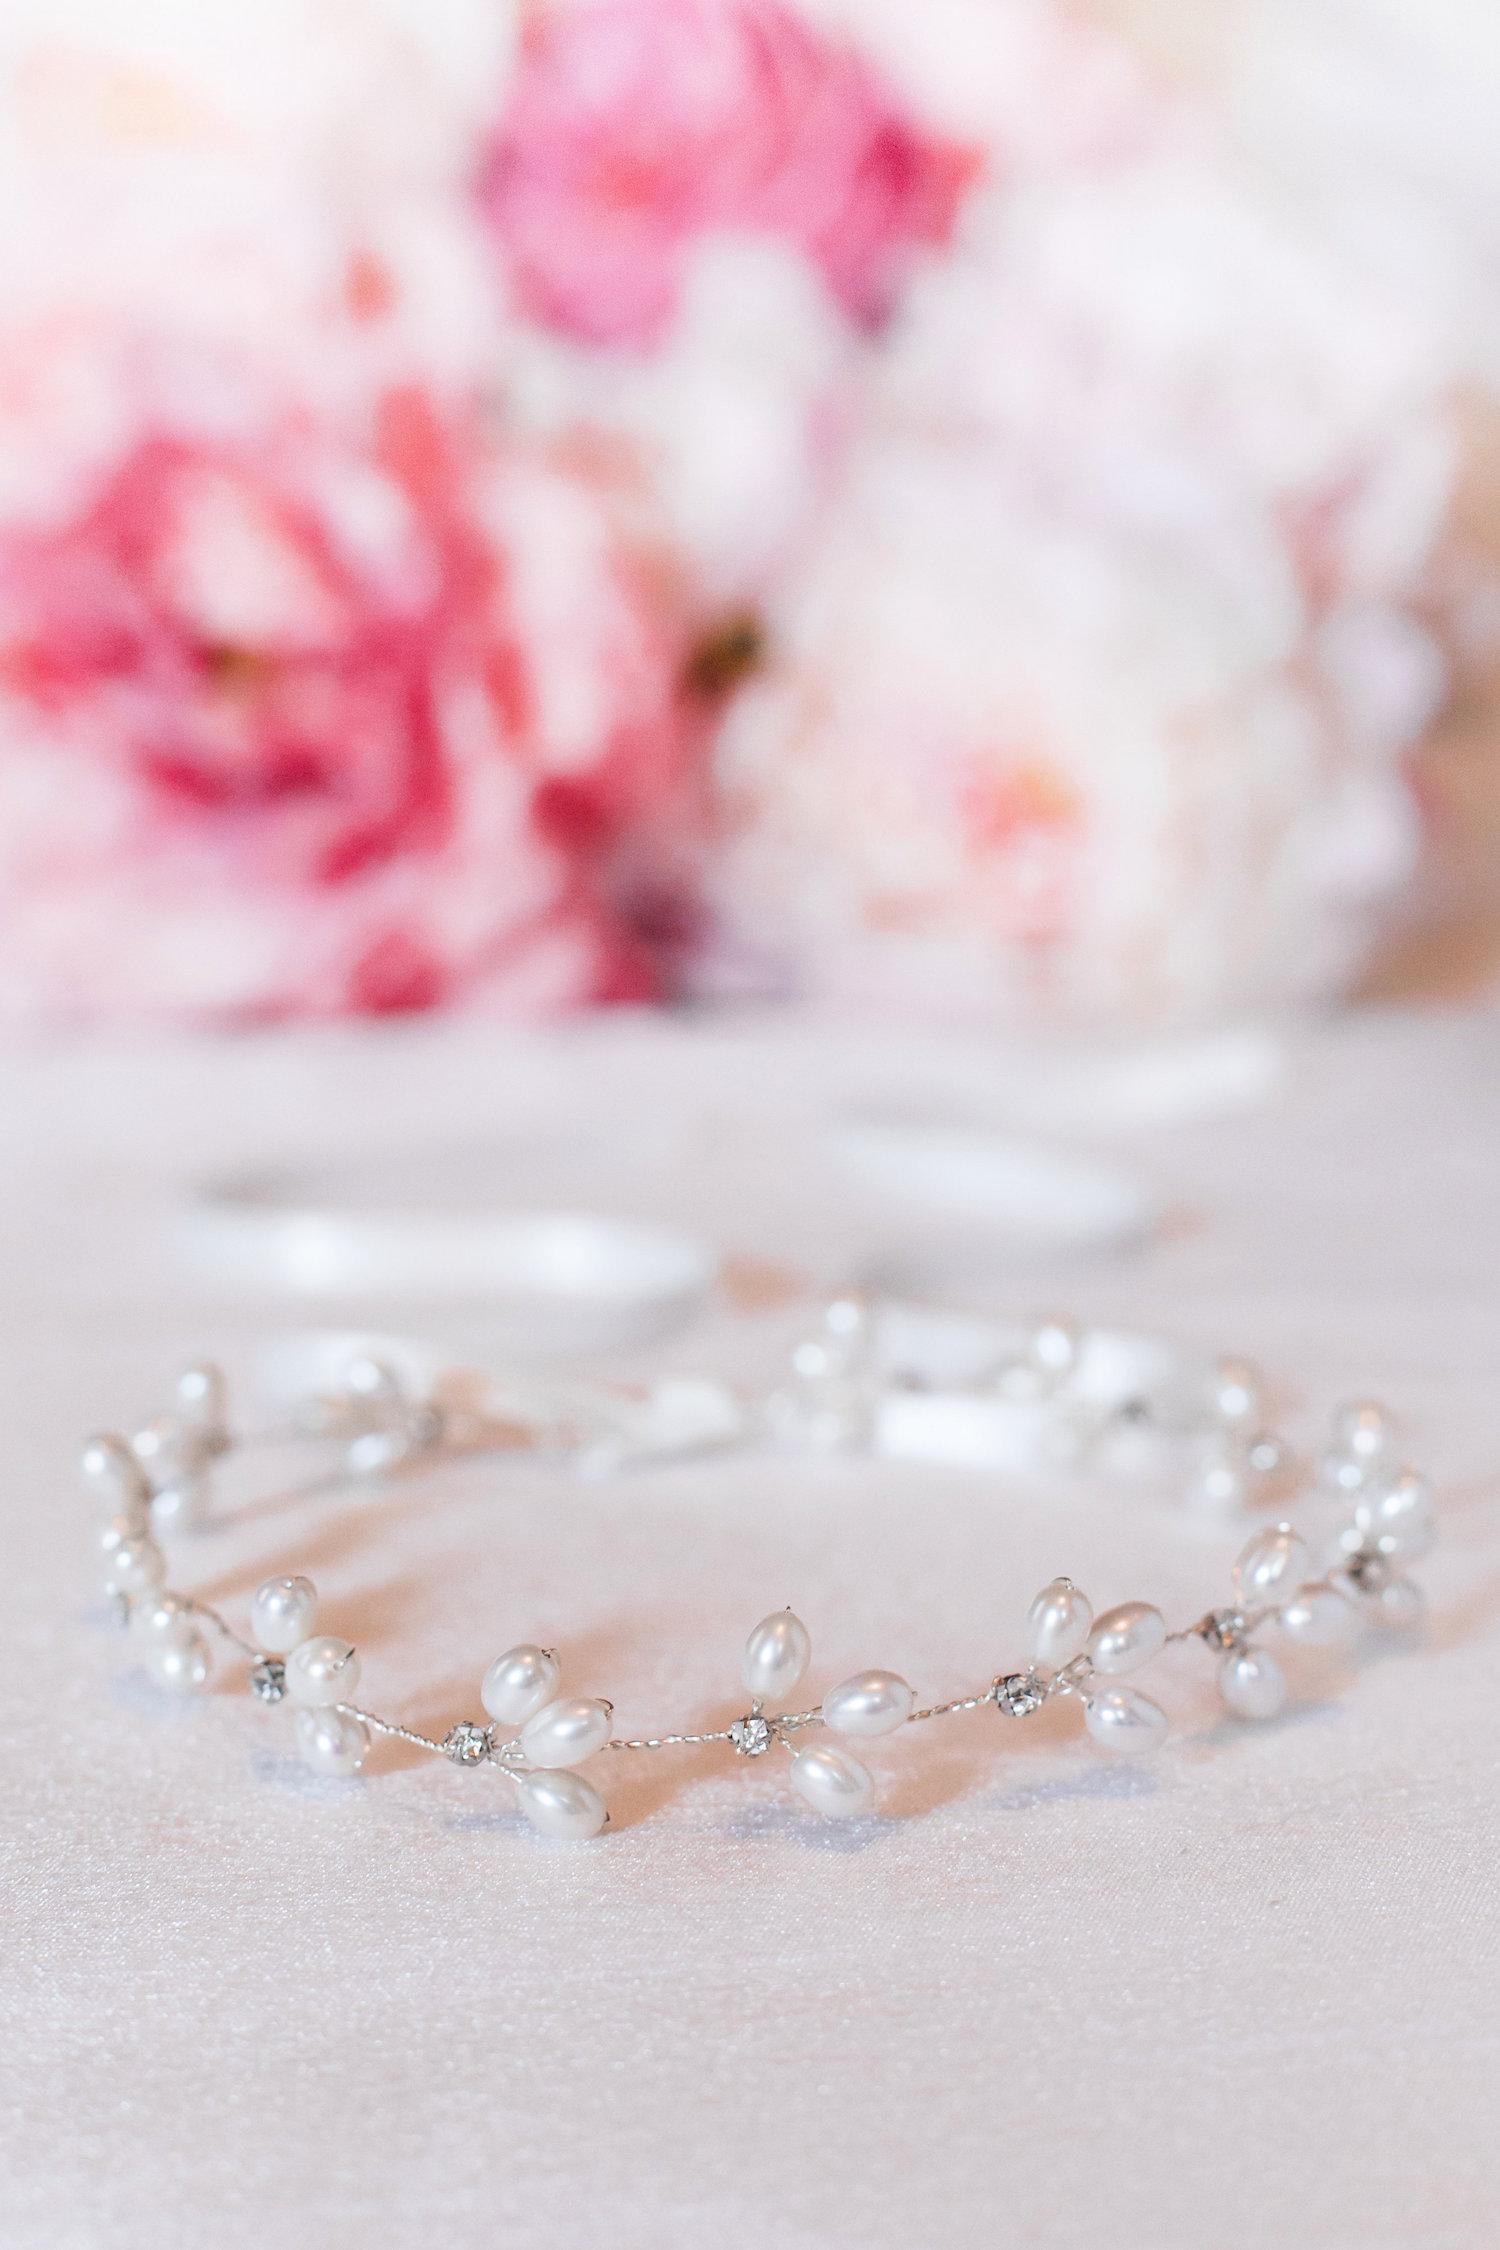 couture-bridal-accessories-090316-Fancy-Bowtique-4.jpg